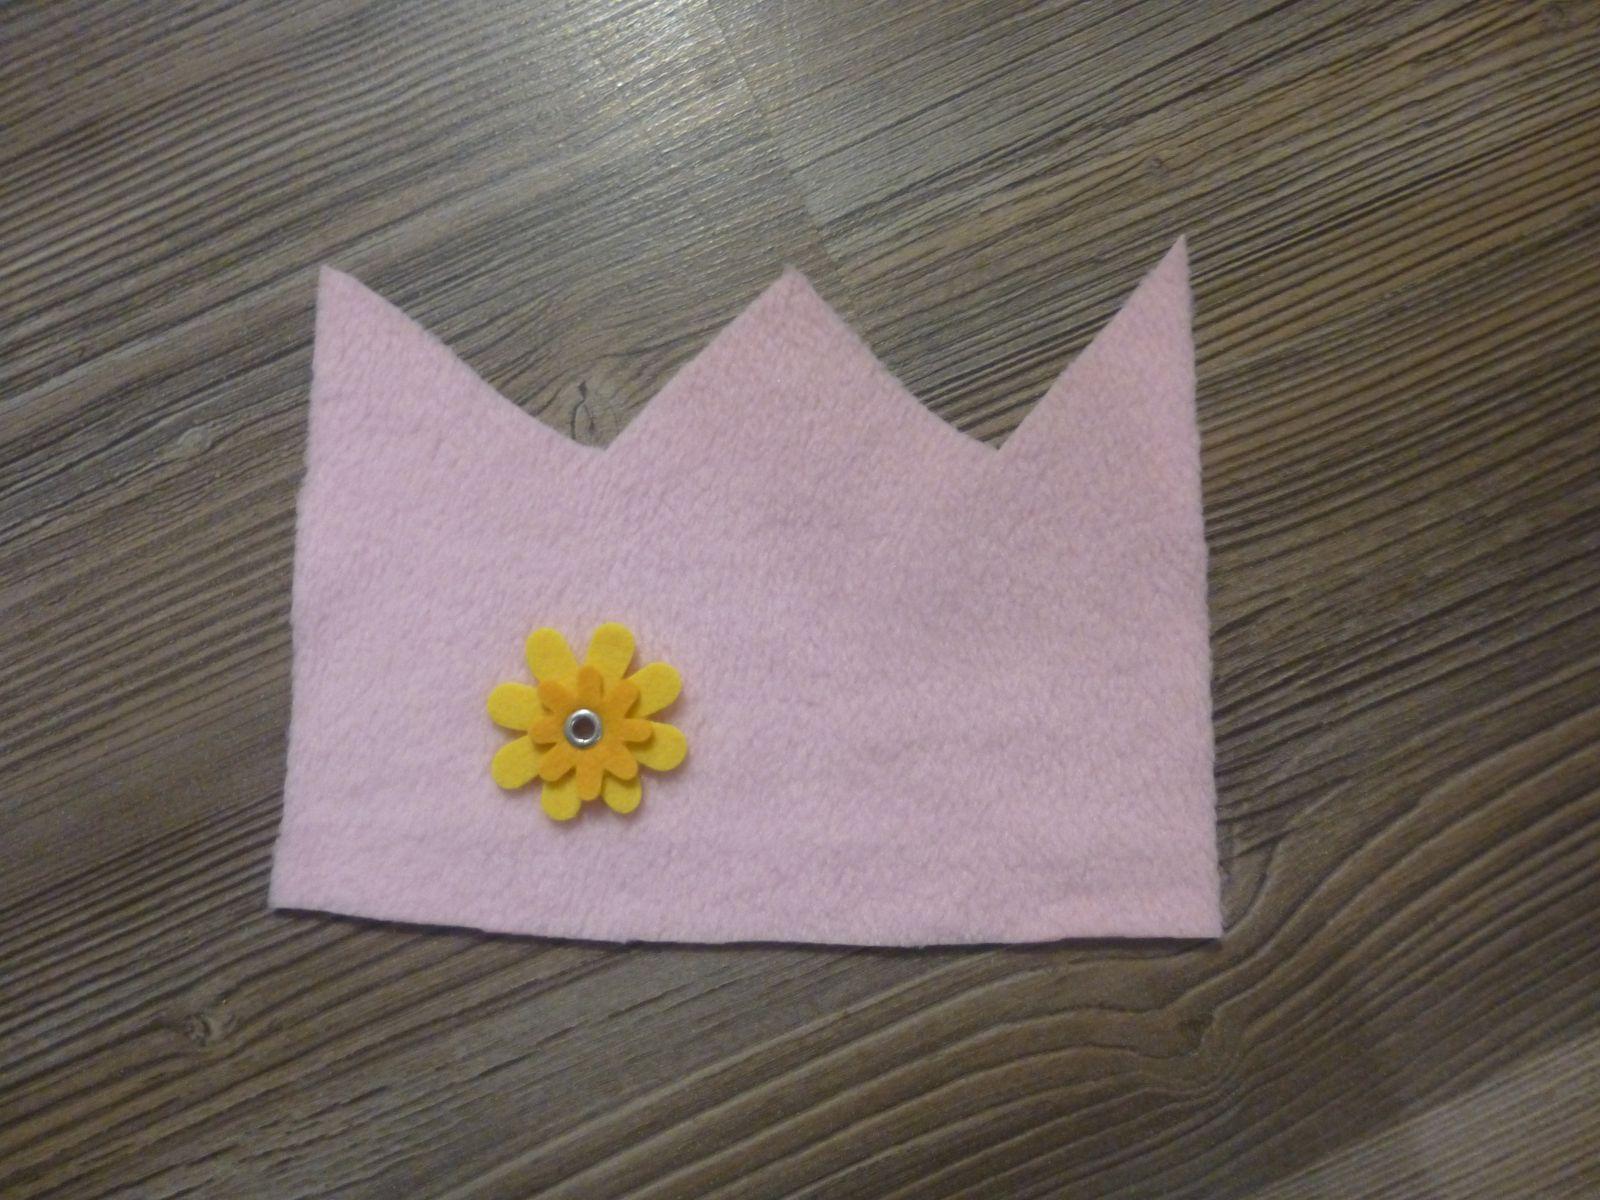 Näh-Anleitung: Kronenmütze für kleine Prinzessinnen